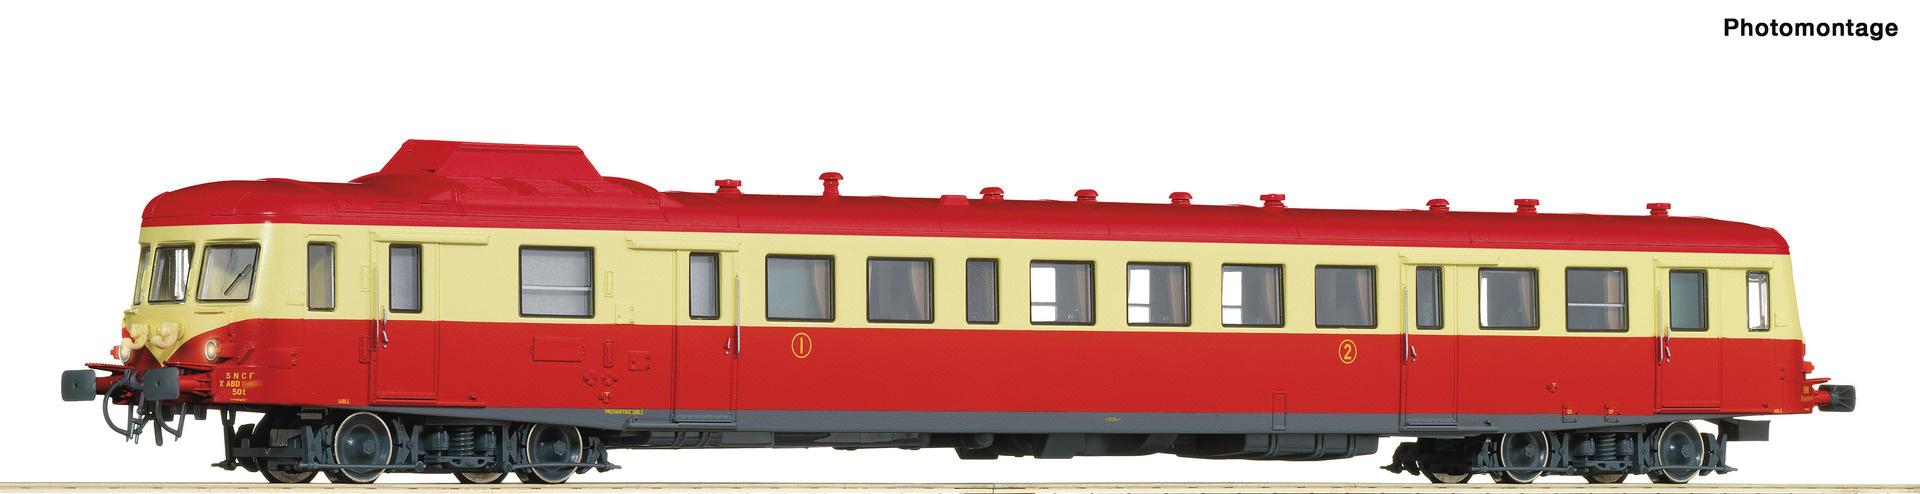 73008 Dieseltriebwagen X2800 rt/be-1